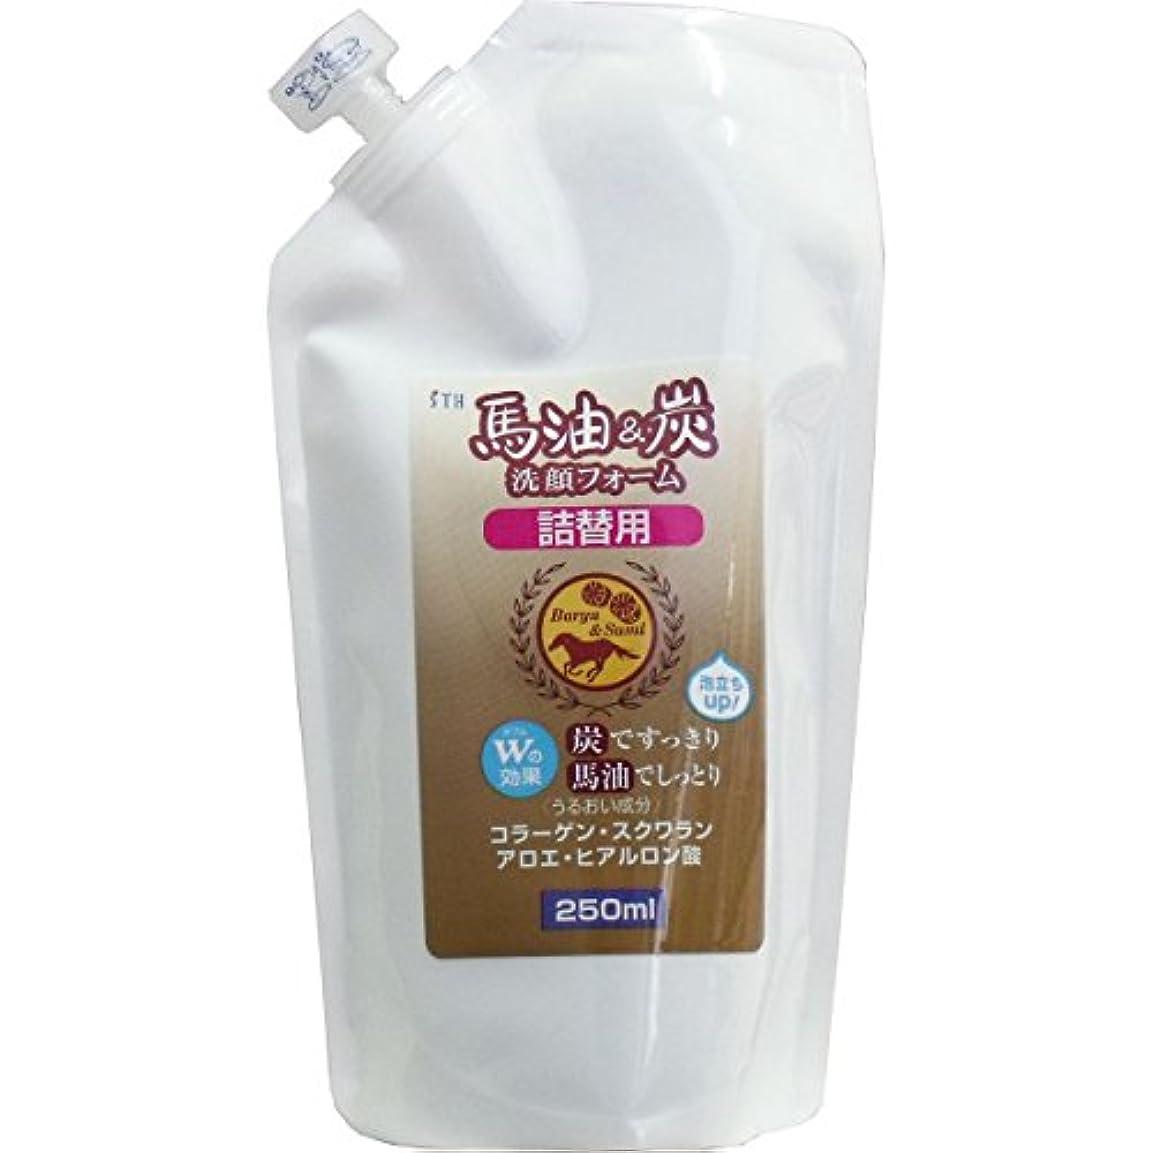 傾いた今までサミット馬油&炭洗顔フォーム【詰替用250ml】×2袋